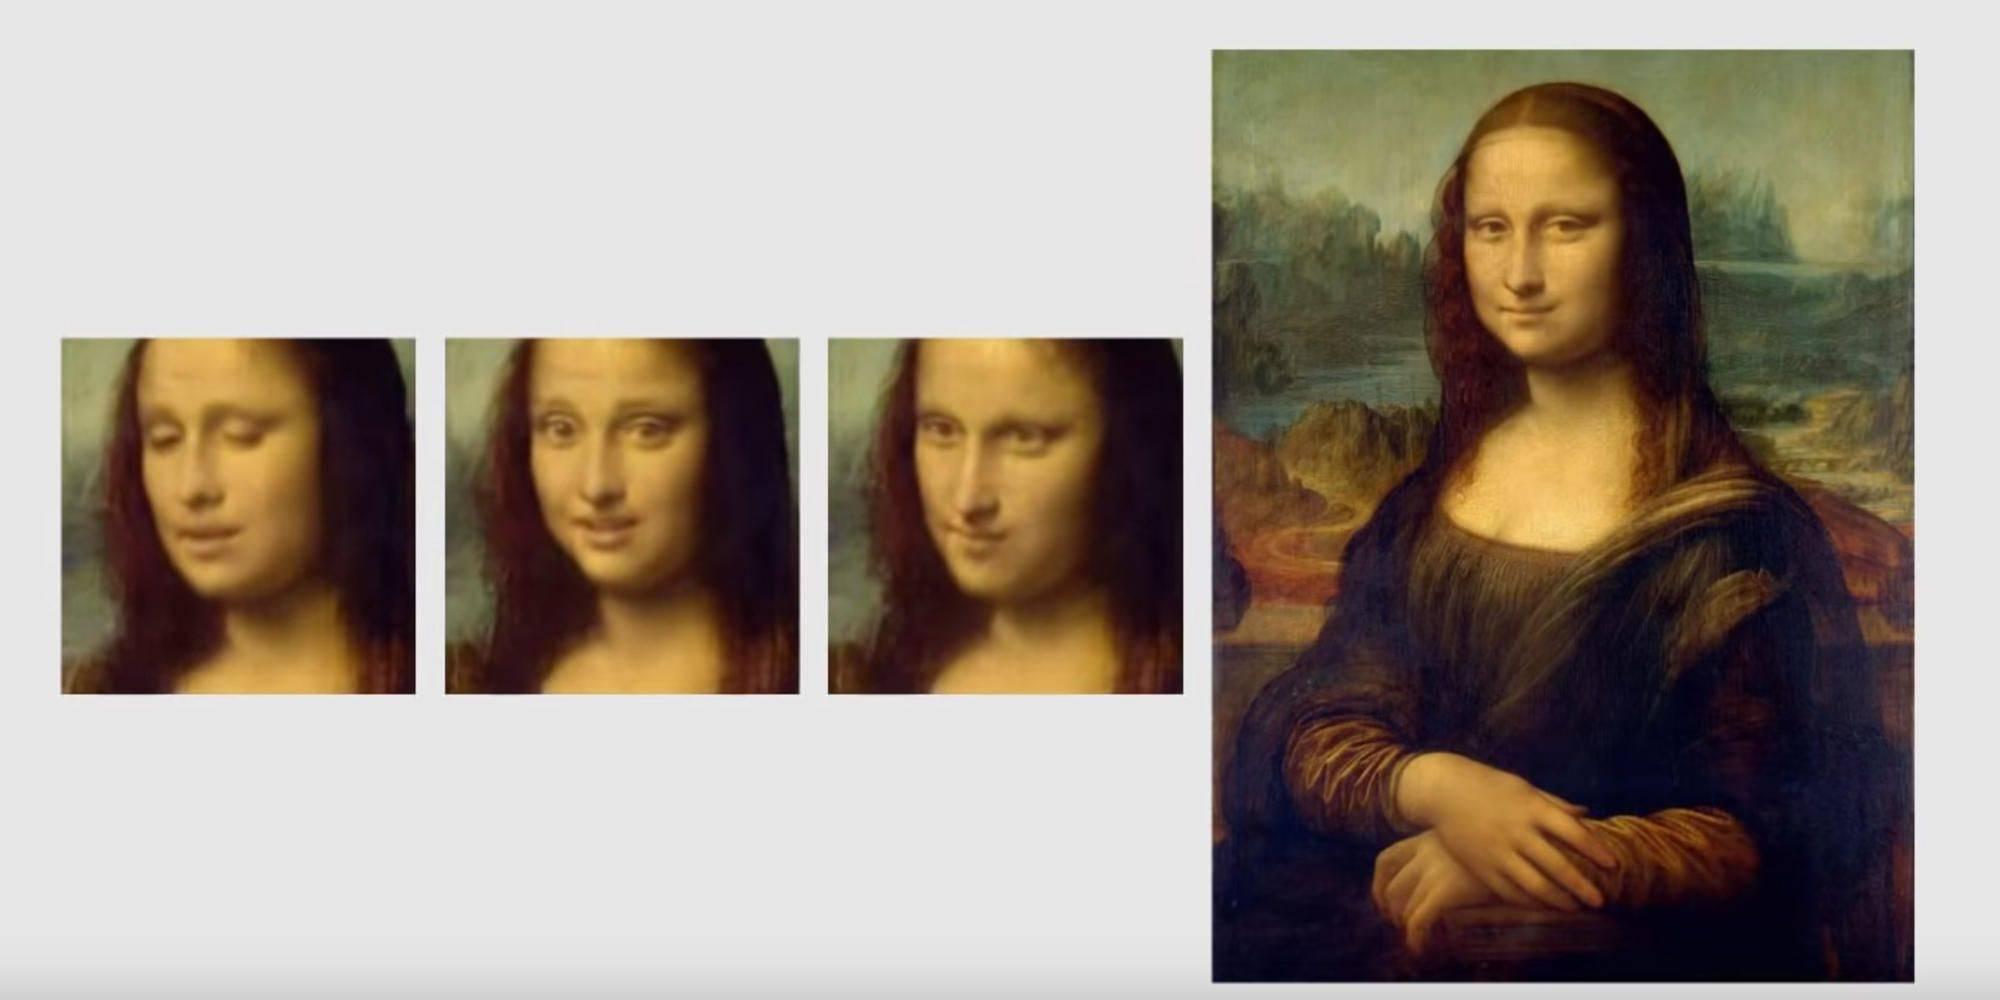 Samsung desarrolló un sistema de inteligencia artificial el cual permite crear Deepfakes de cualquier rostro